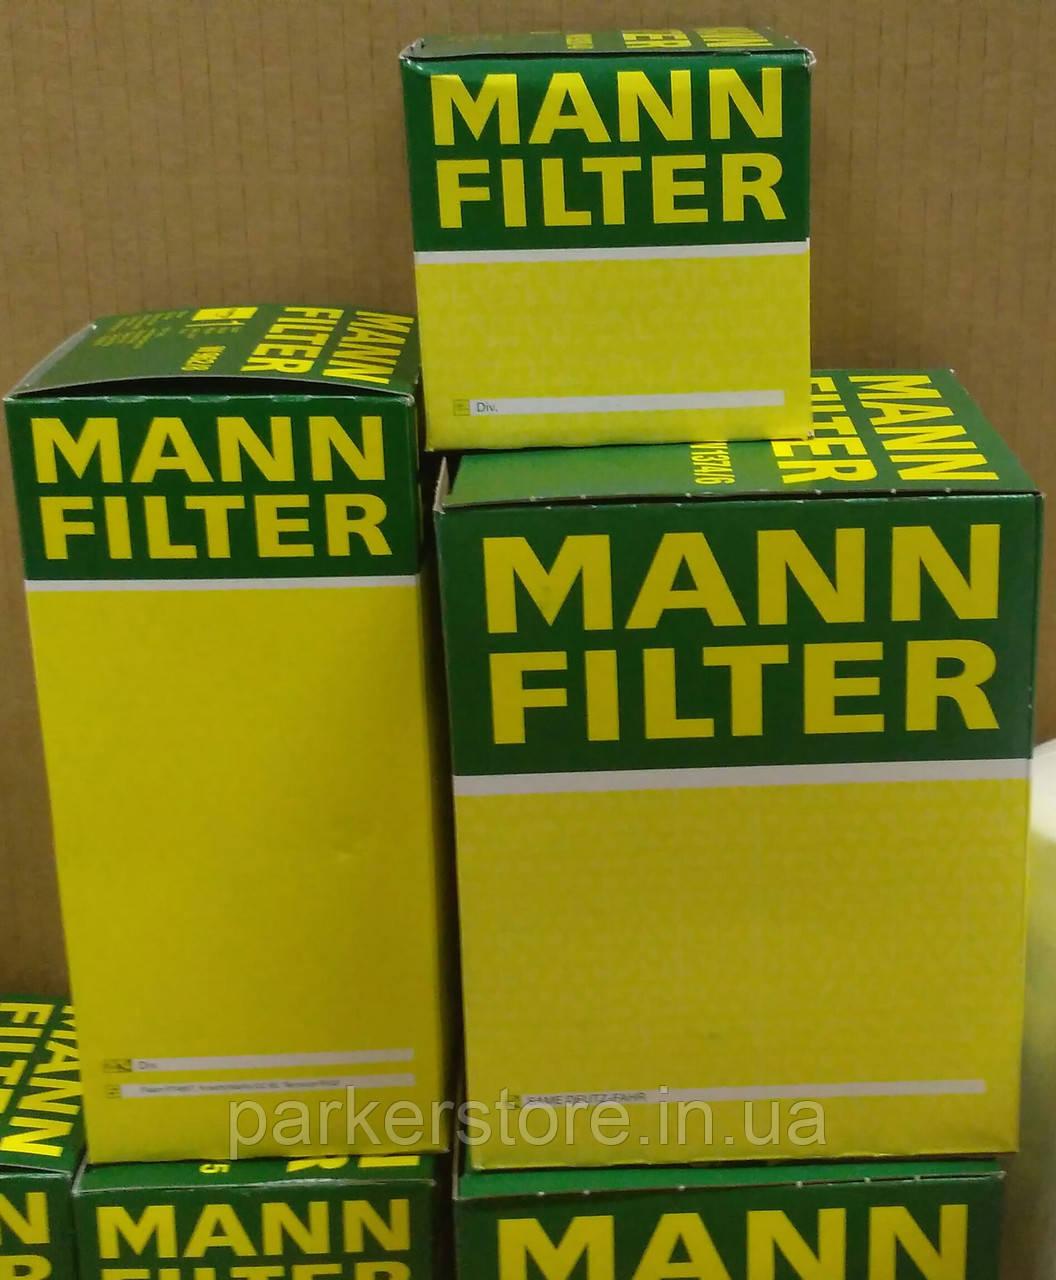 MANN FILTER / Повітряний фільтр / C 17 134 / C17134